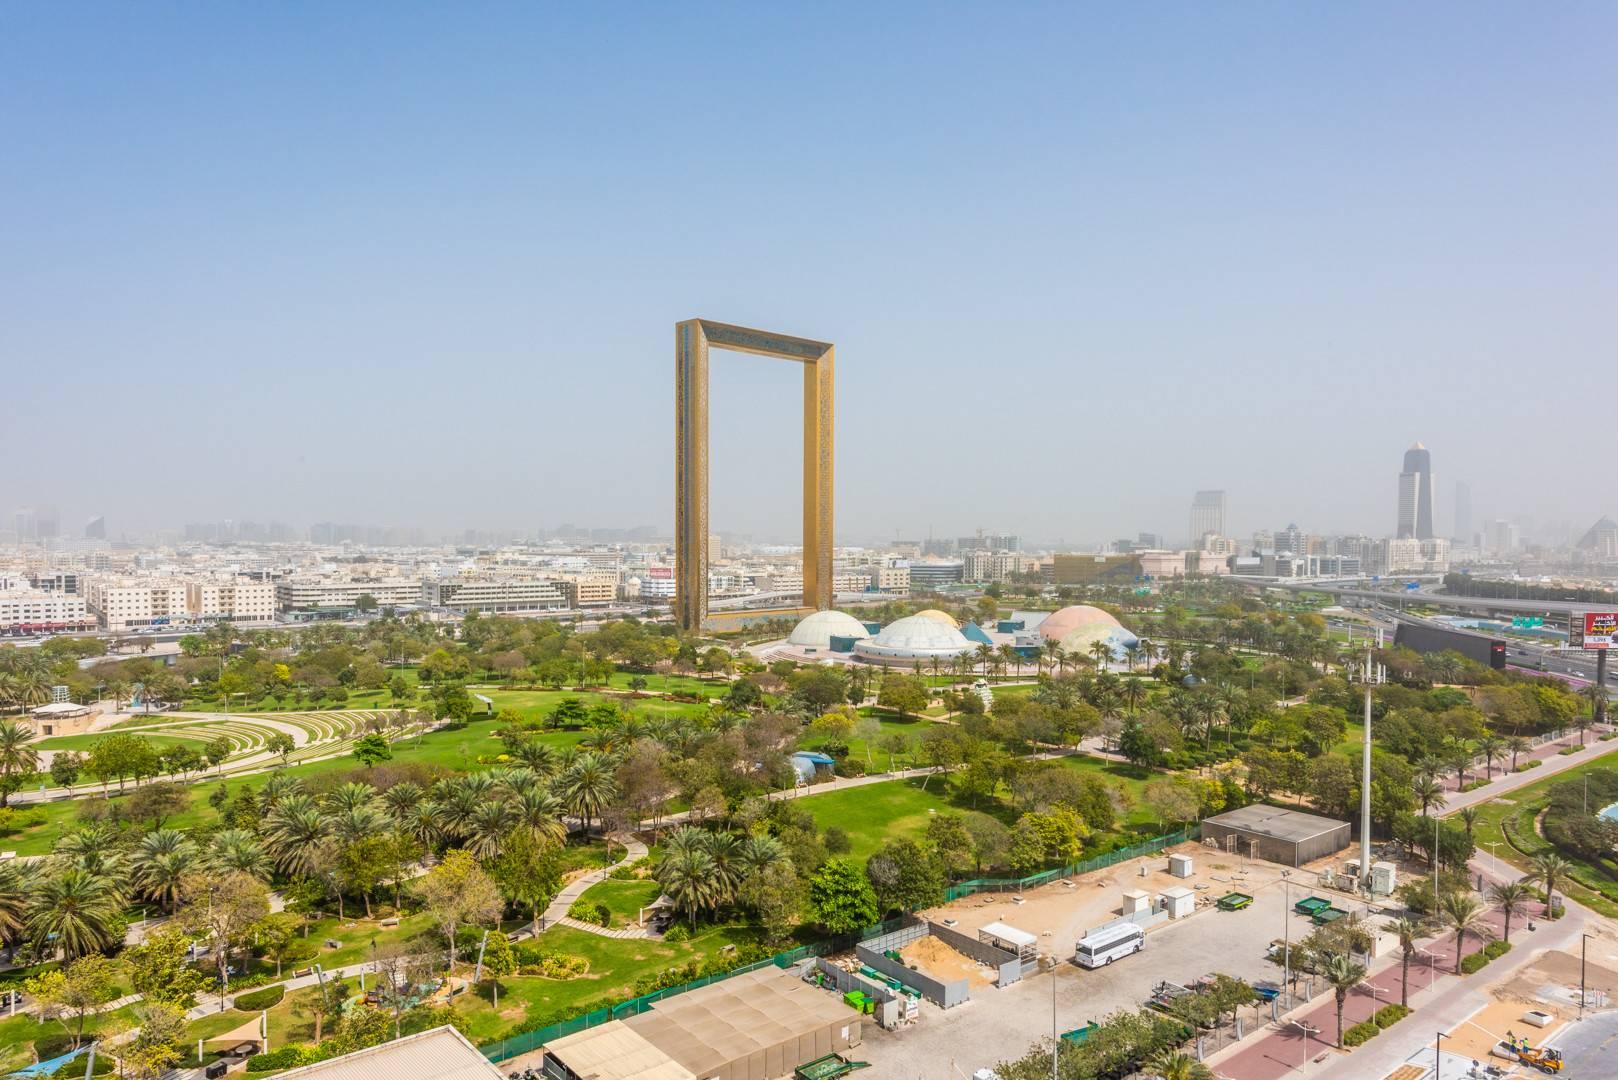 Апартаменты, Аренда в Park Gate Residences Дубай, ОАЭ